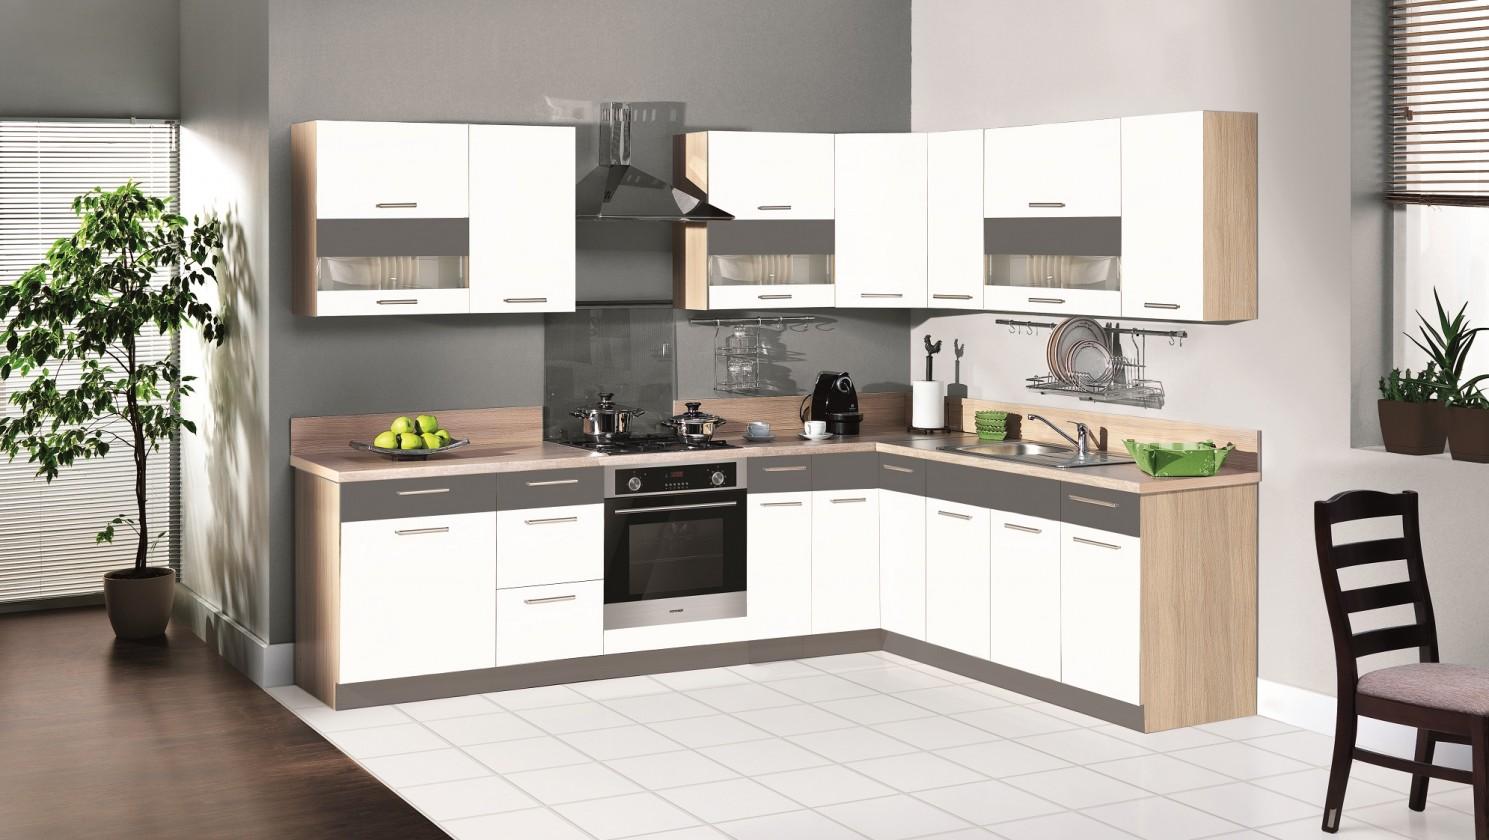 Rohová Kuchyňa Marina ľavý roh 285x210 cm (biela vysoký lesk/grafit)